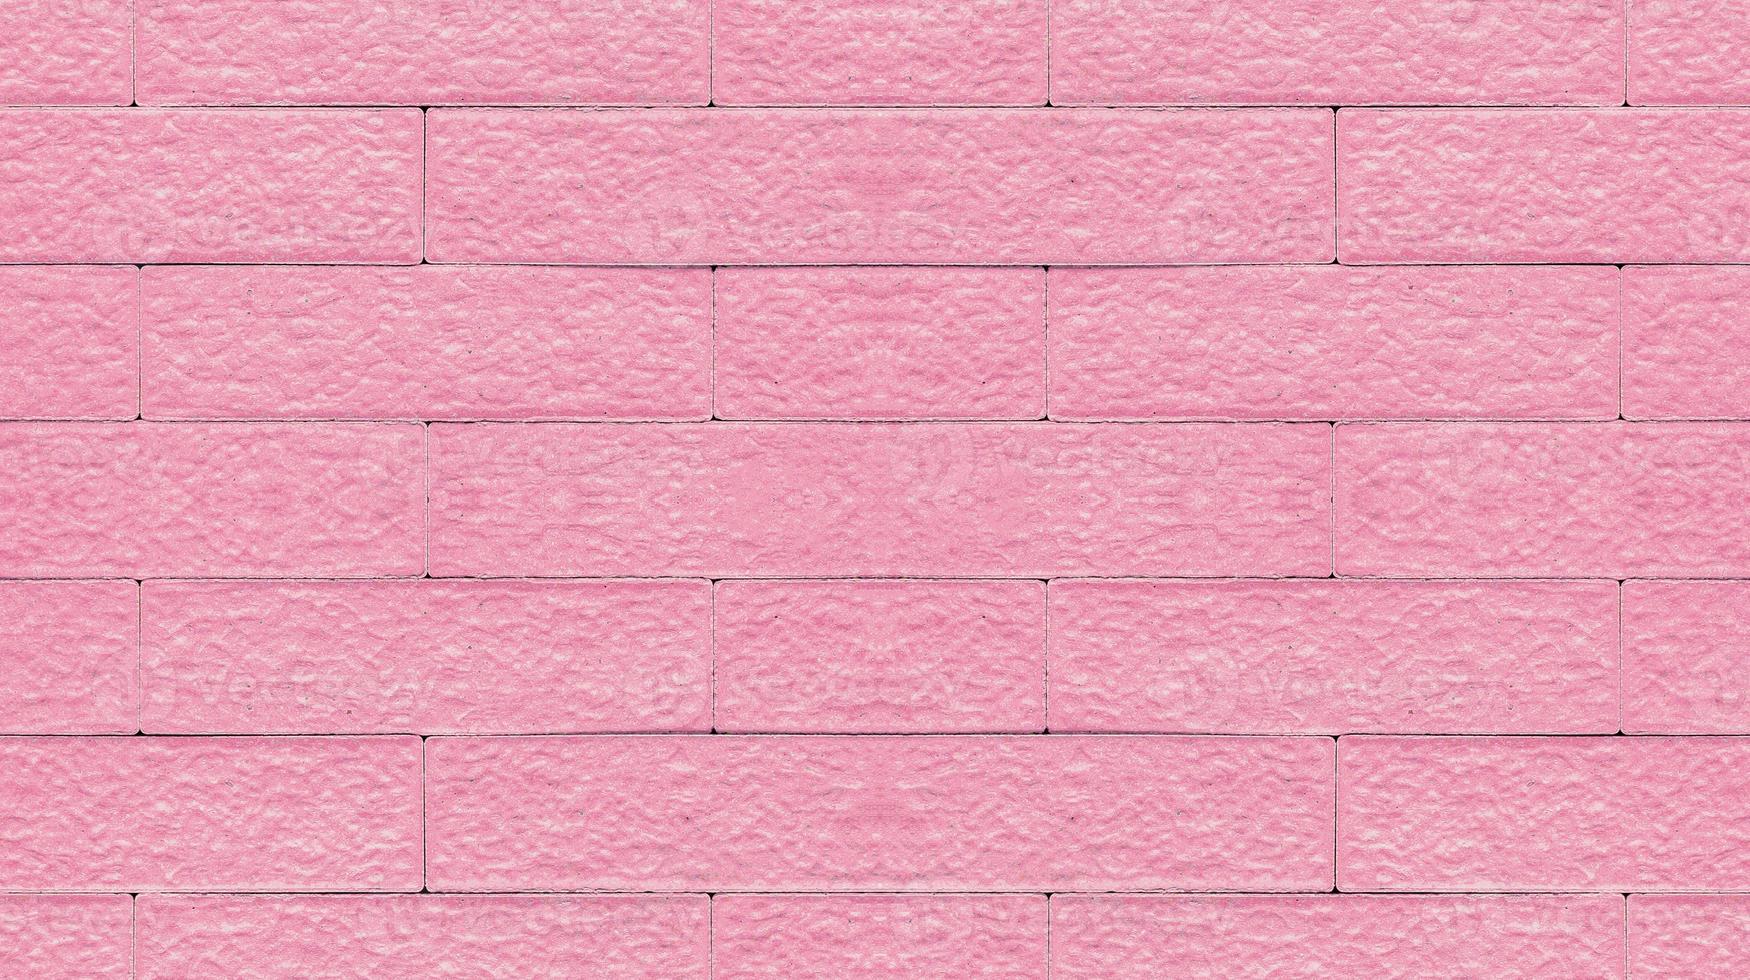 konsistens av rosa betongbakgrund foto